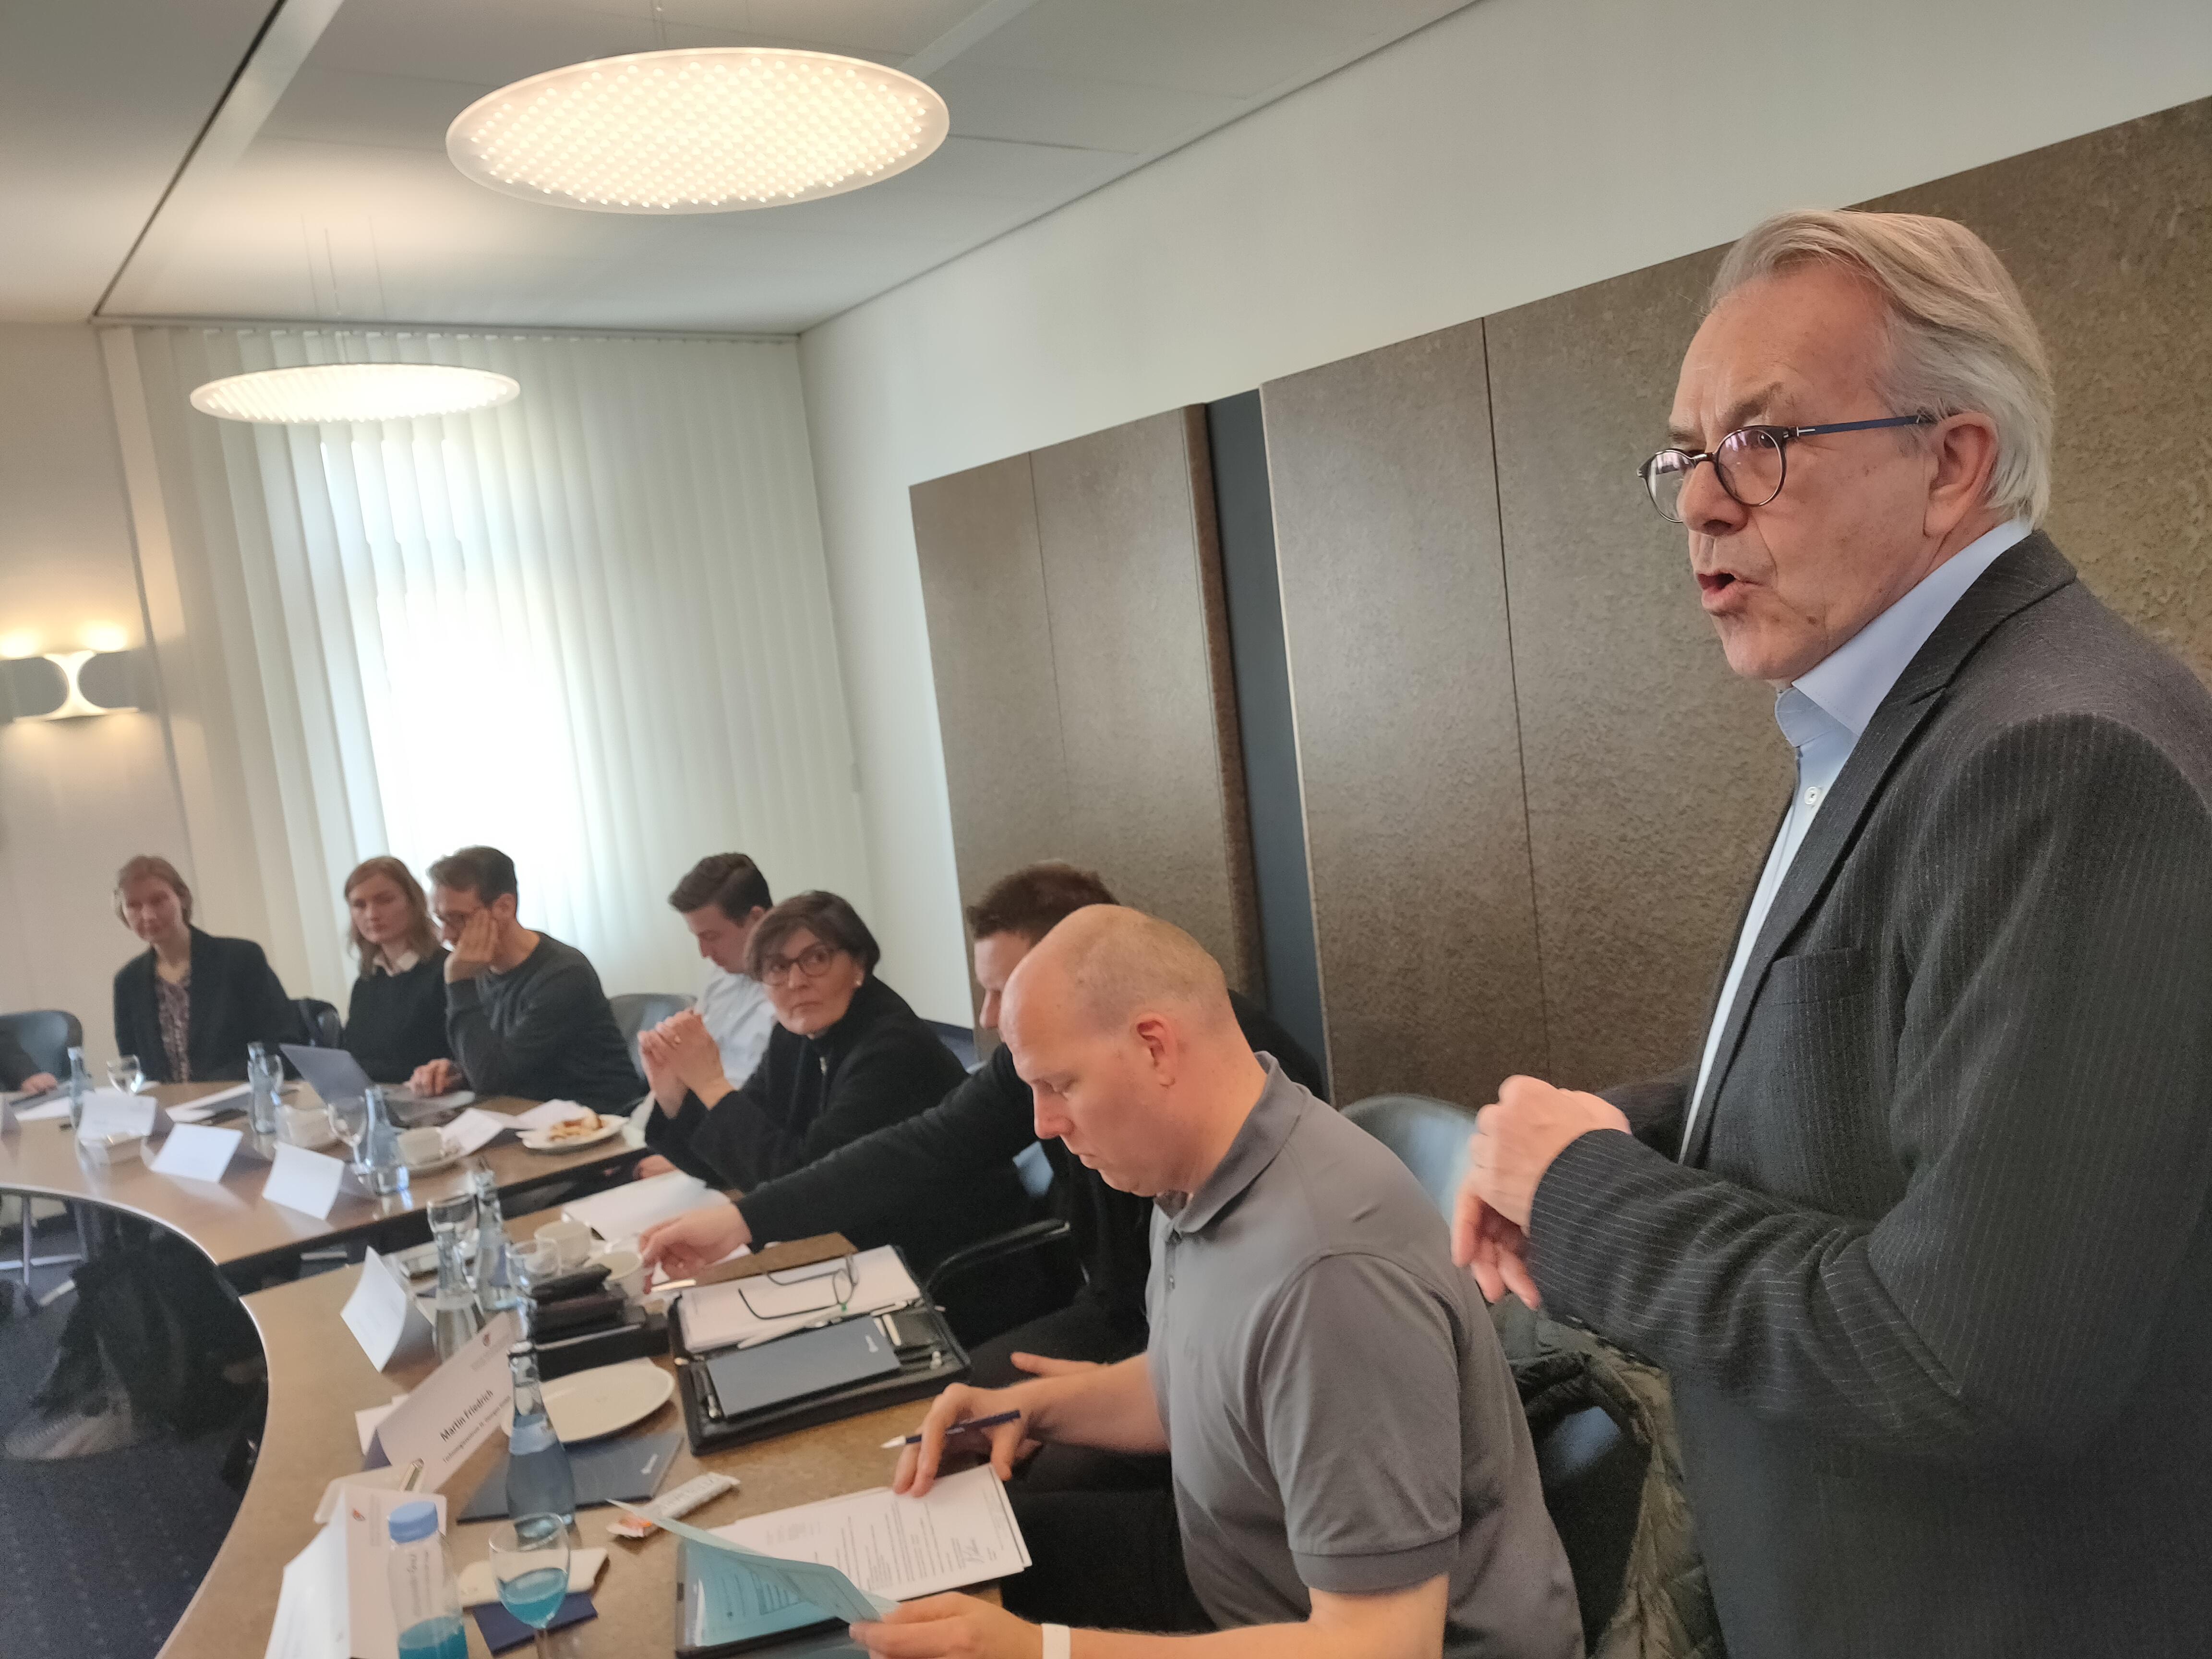 Peter Wittmann von Steinbeis stellt die Umfrage-Ergebnisse vor